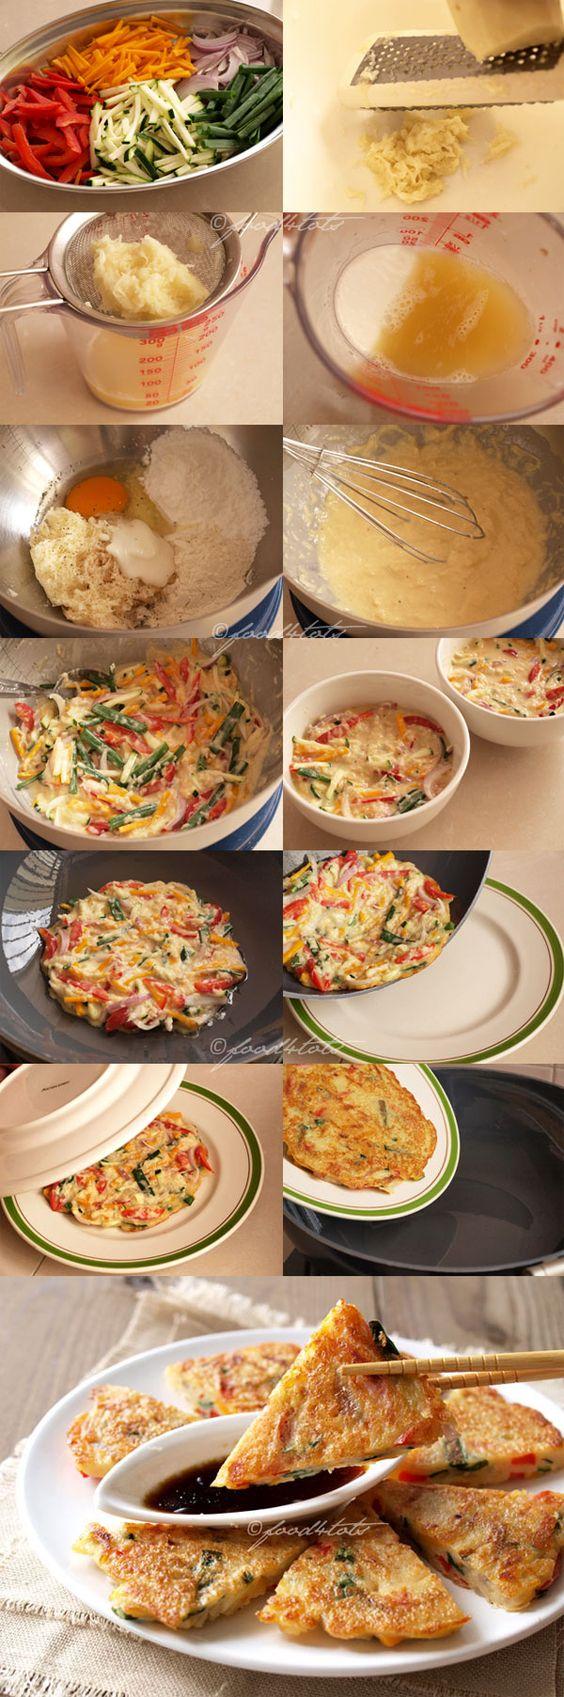 Korean Pancake Ingredientes: 200g de papas (1 mediana) 200g de verduras  [Rallar las verduras] 35g de harina 20g de almidón de maíz 1 huevo grande 1 cucharadita de sal 1 cucharada de aceite de girasol 1 pizca de pimienta blanca 5-6 cucharadas helados de agua  Ingredientes para la salsa: 2 cucharadas salsa de soja ligera 2 cucharaditas de vinagre de arroz 2 cucharaditas de azúcar 1 cucharada de agua infusión de 1/2 cucharadita de aceite de echalot  o aceite de sésamo 1/4 cucharadita picado…